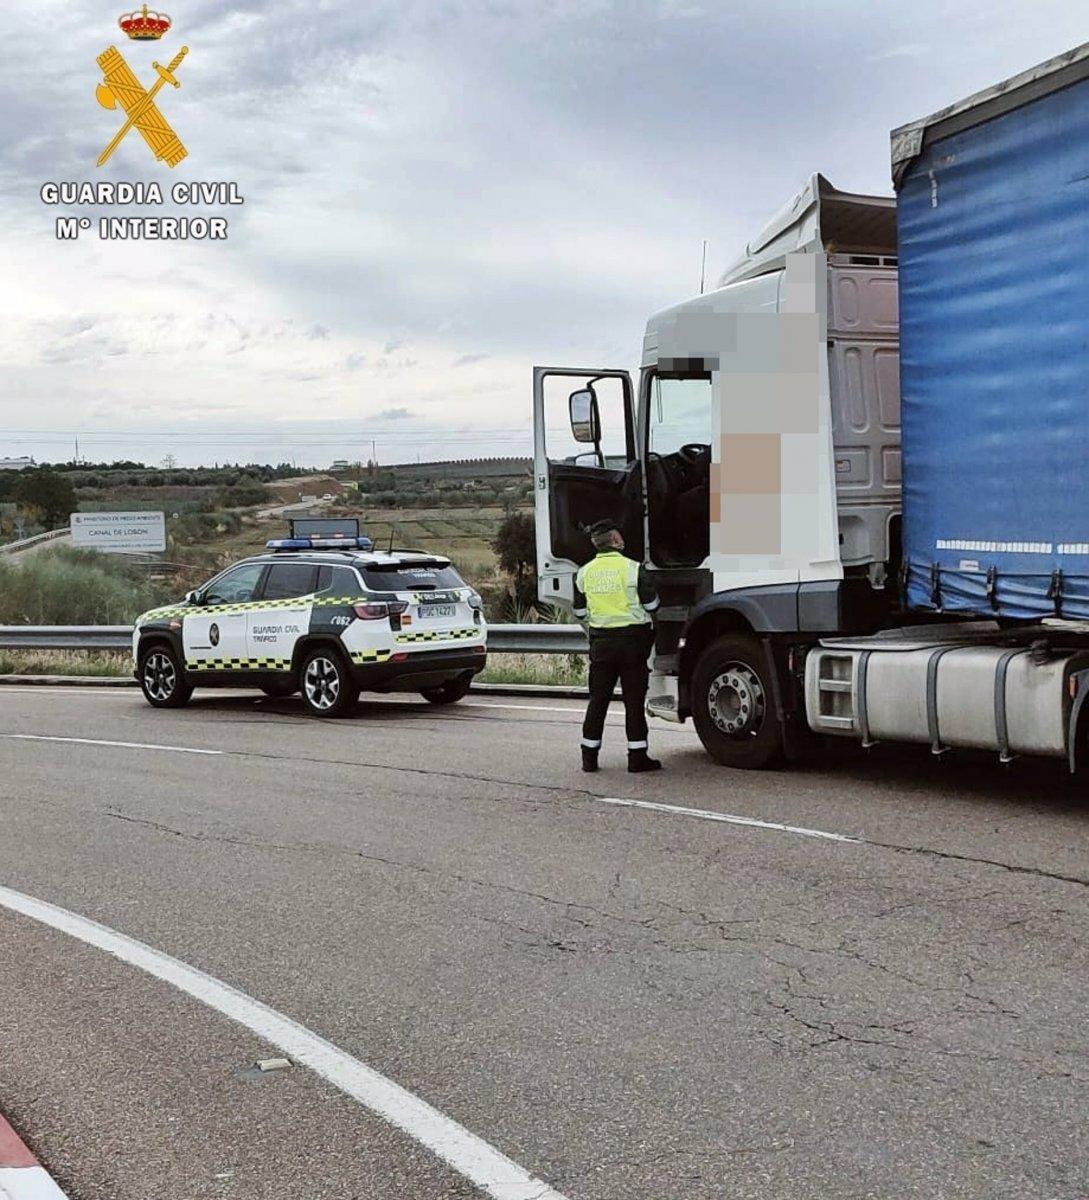 Interceptado un camionero que multiplicaba por seis la tasa de alcohol permitida